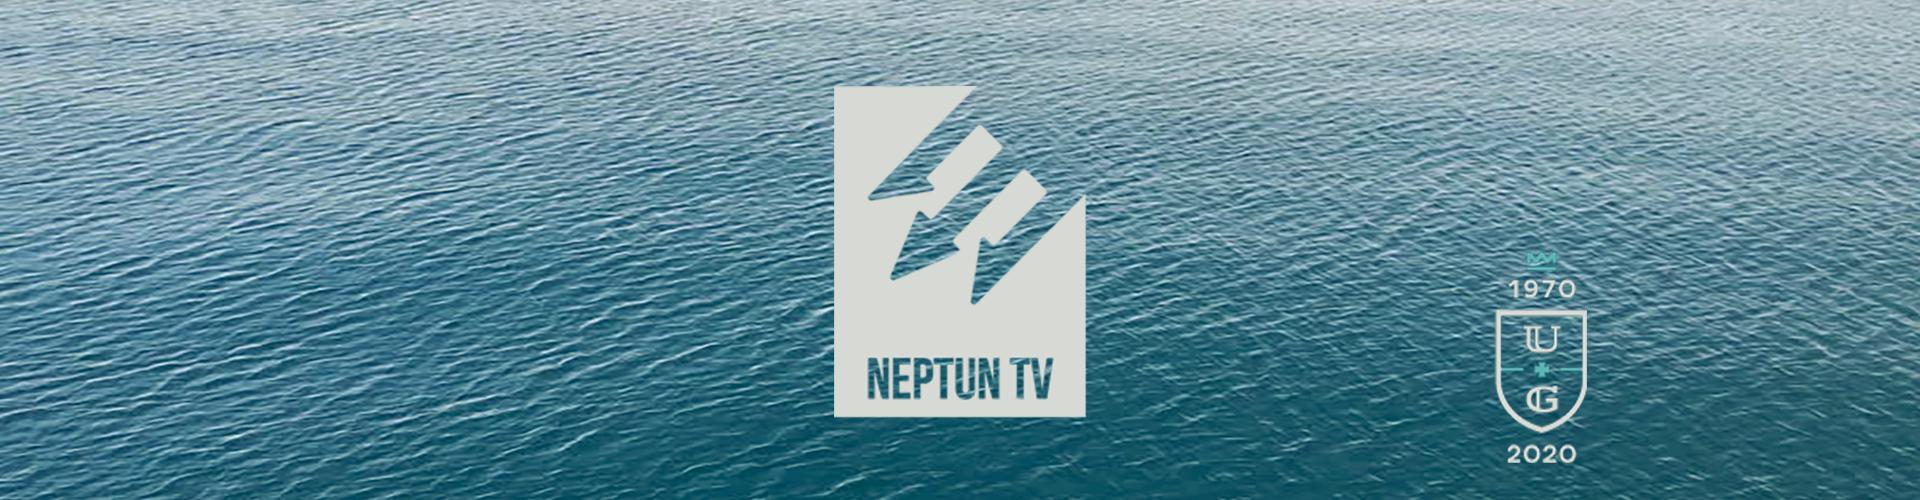 Międzywydziałowe Koło Naukowe Neptun TV zaprasza studentów